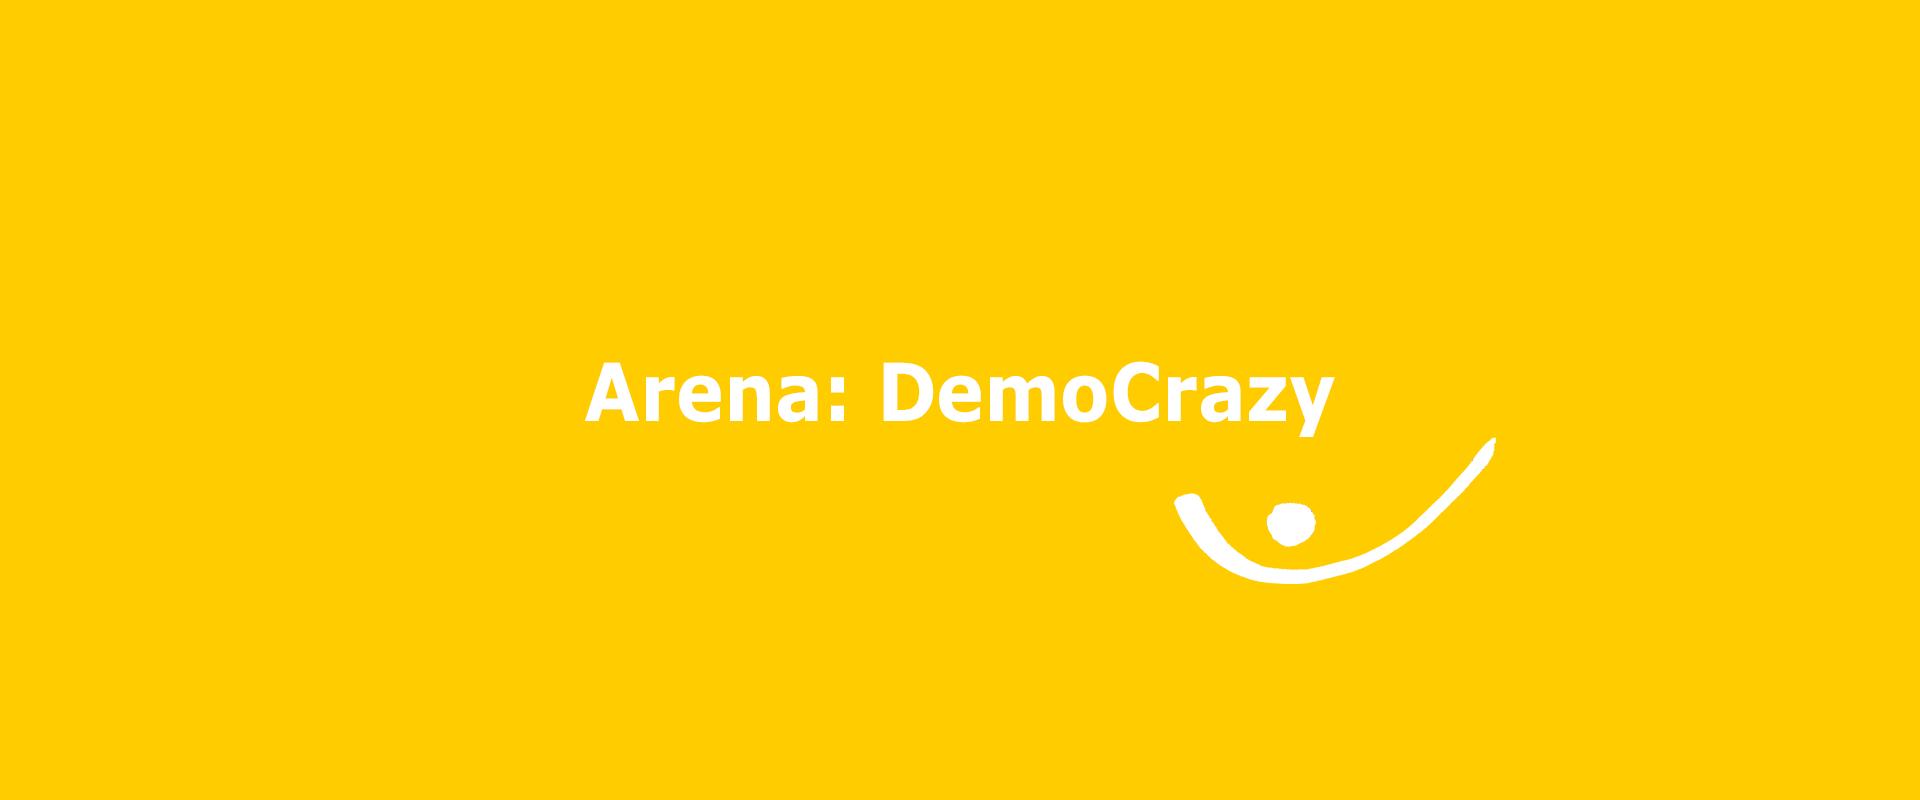 Ship of a new story: Arena DemoCrazy